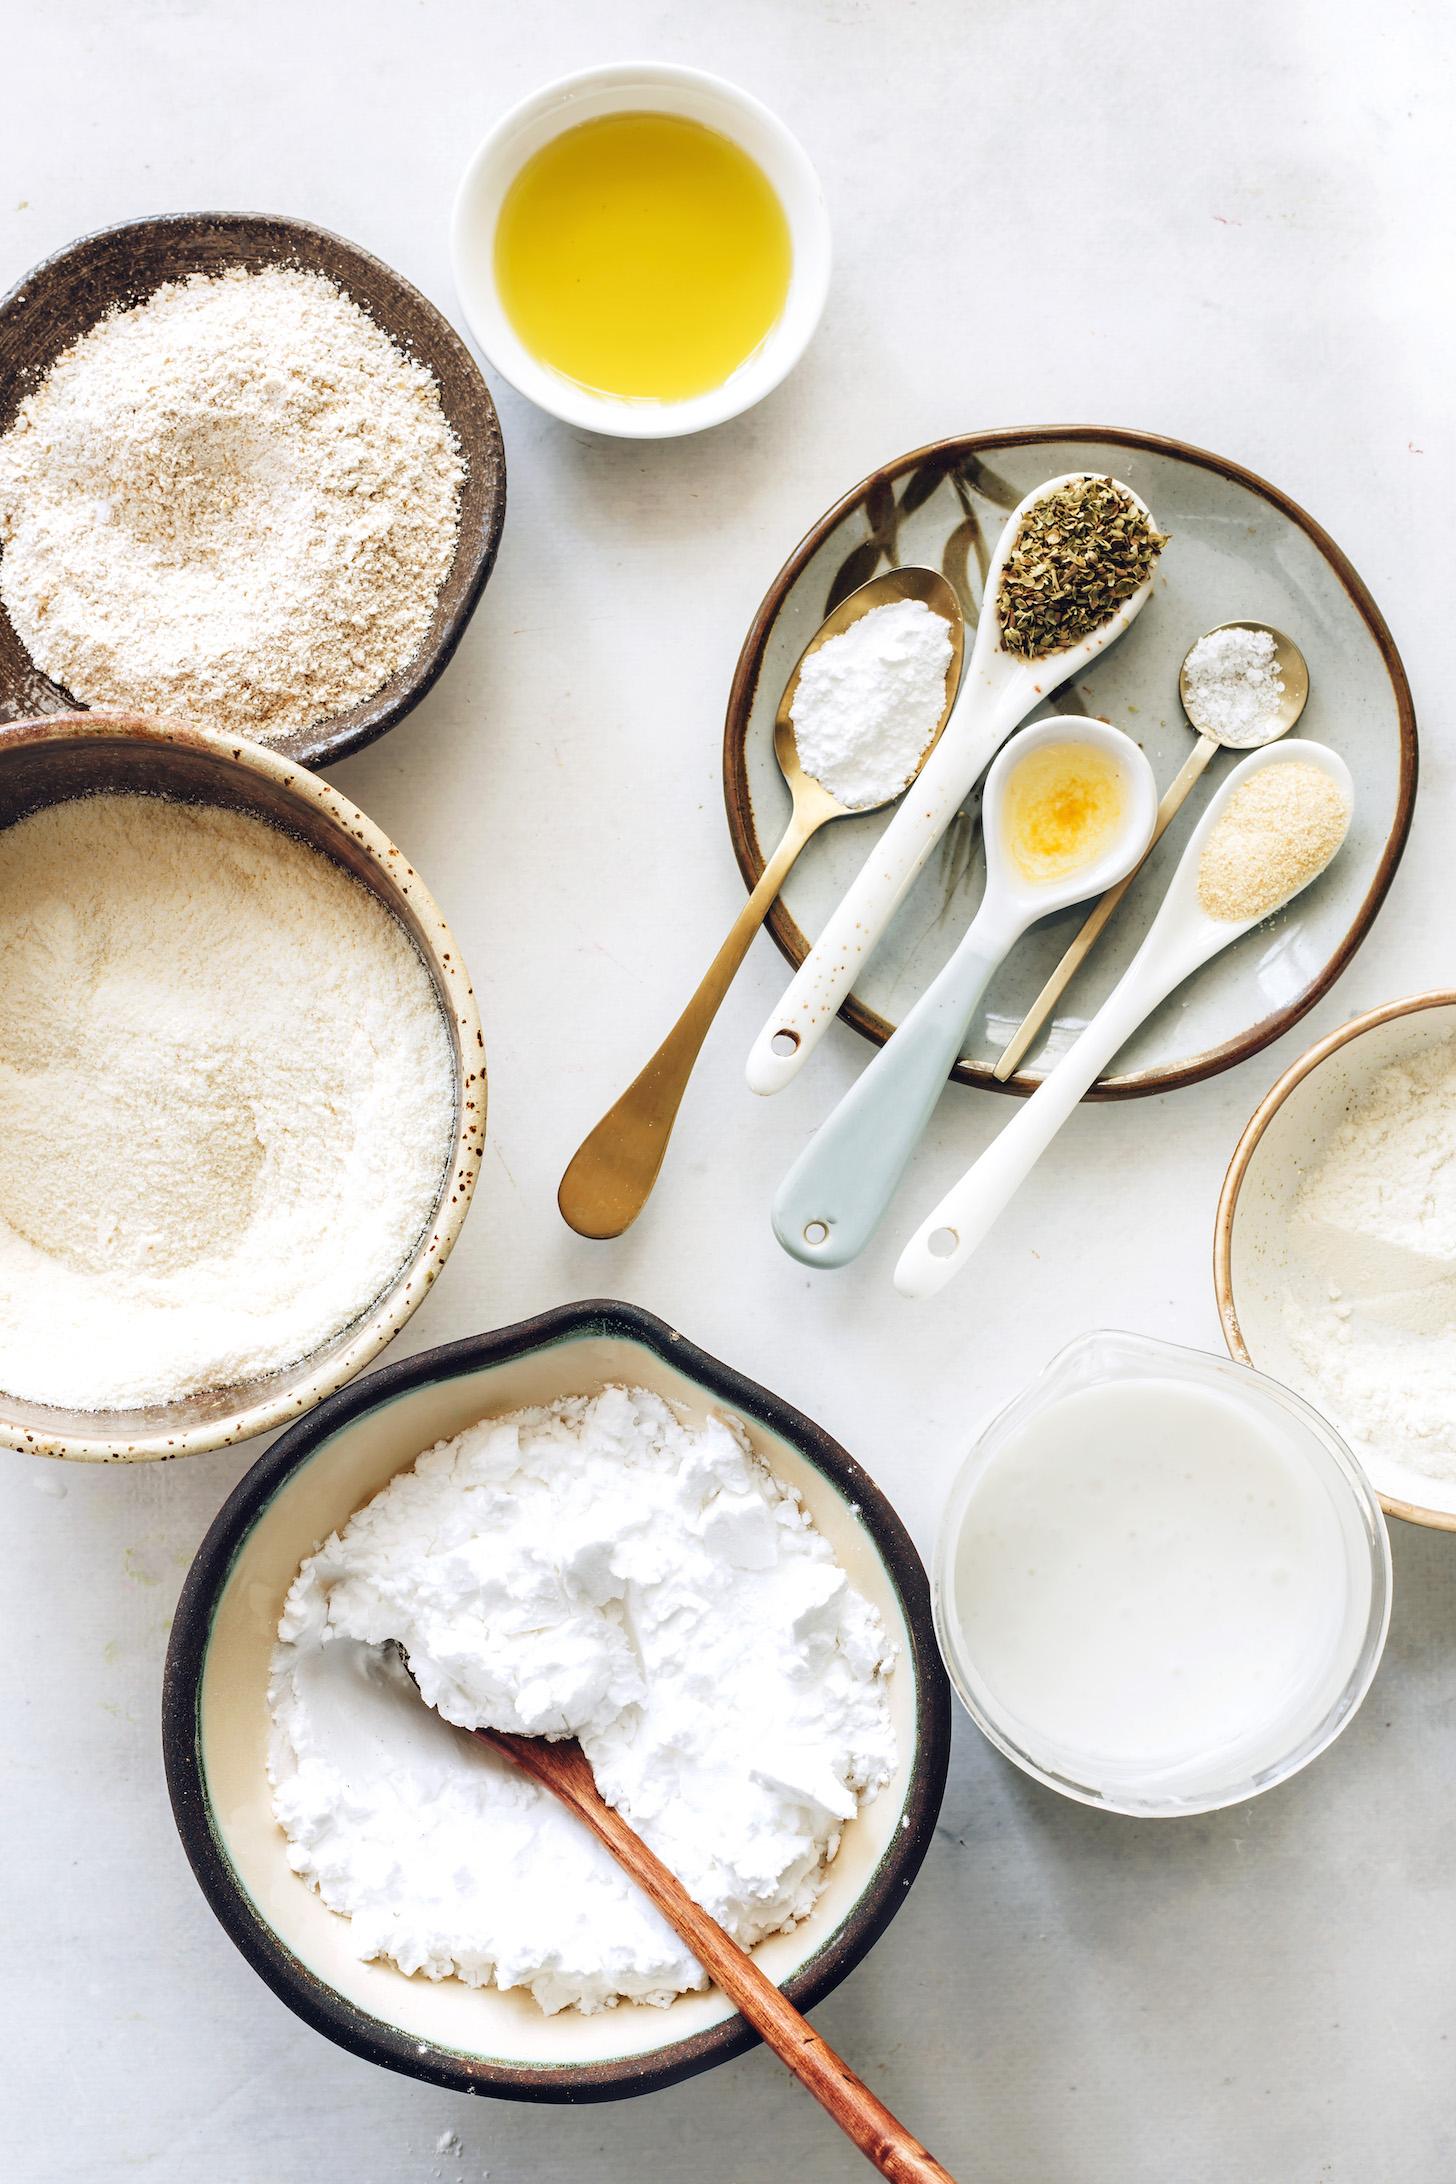 Burgonyakeményítő, zabliszt, kókuszliszt, fűszerek, só, almaecet, olívaolaj és kókusztej